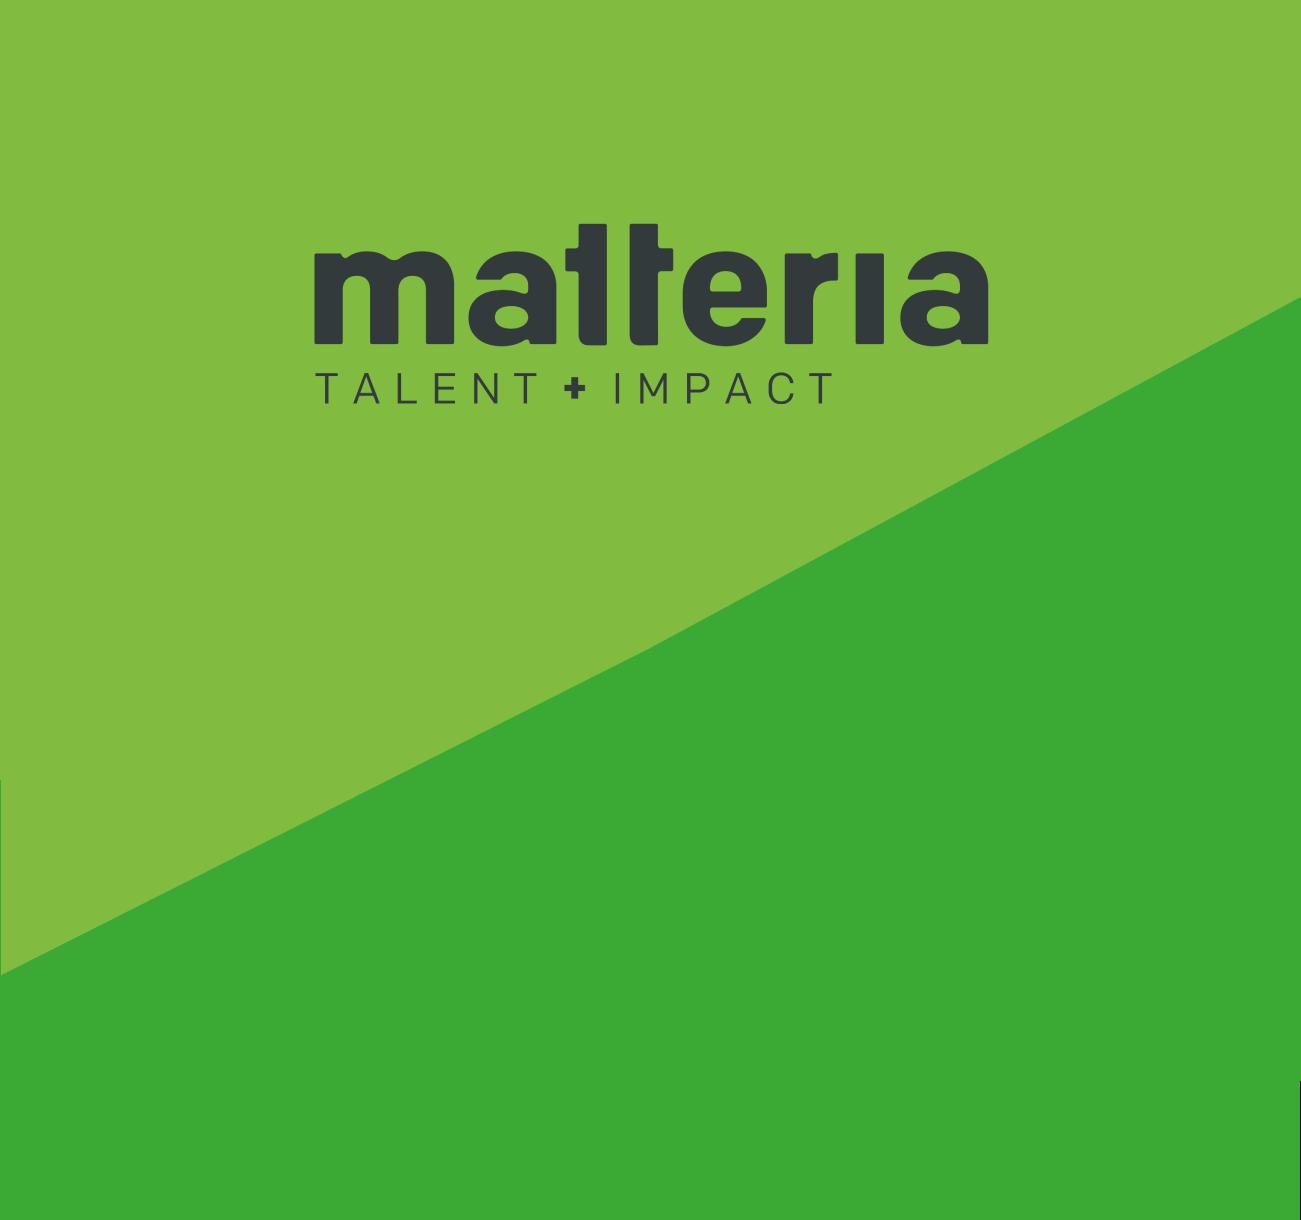 Matteria